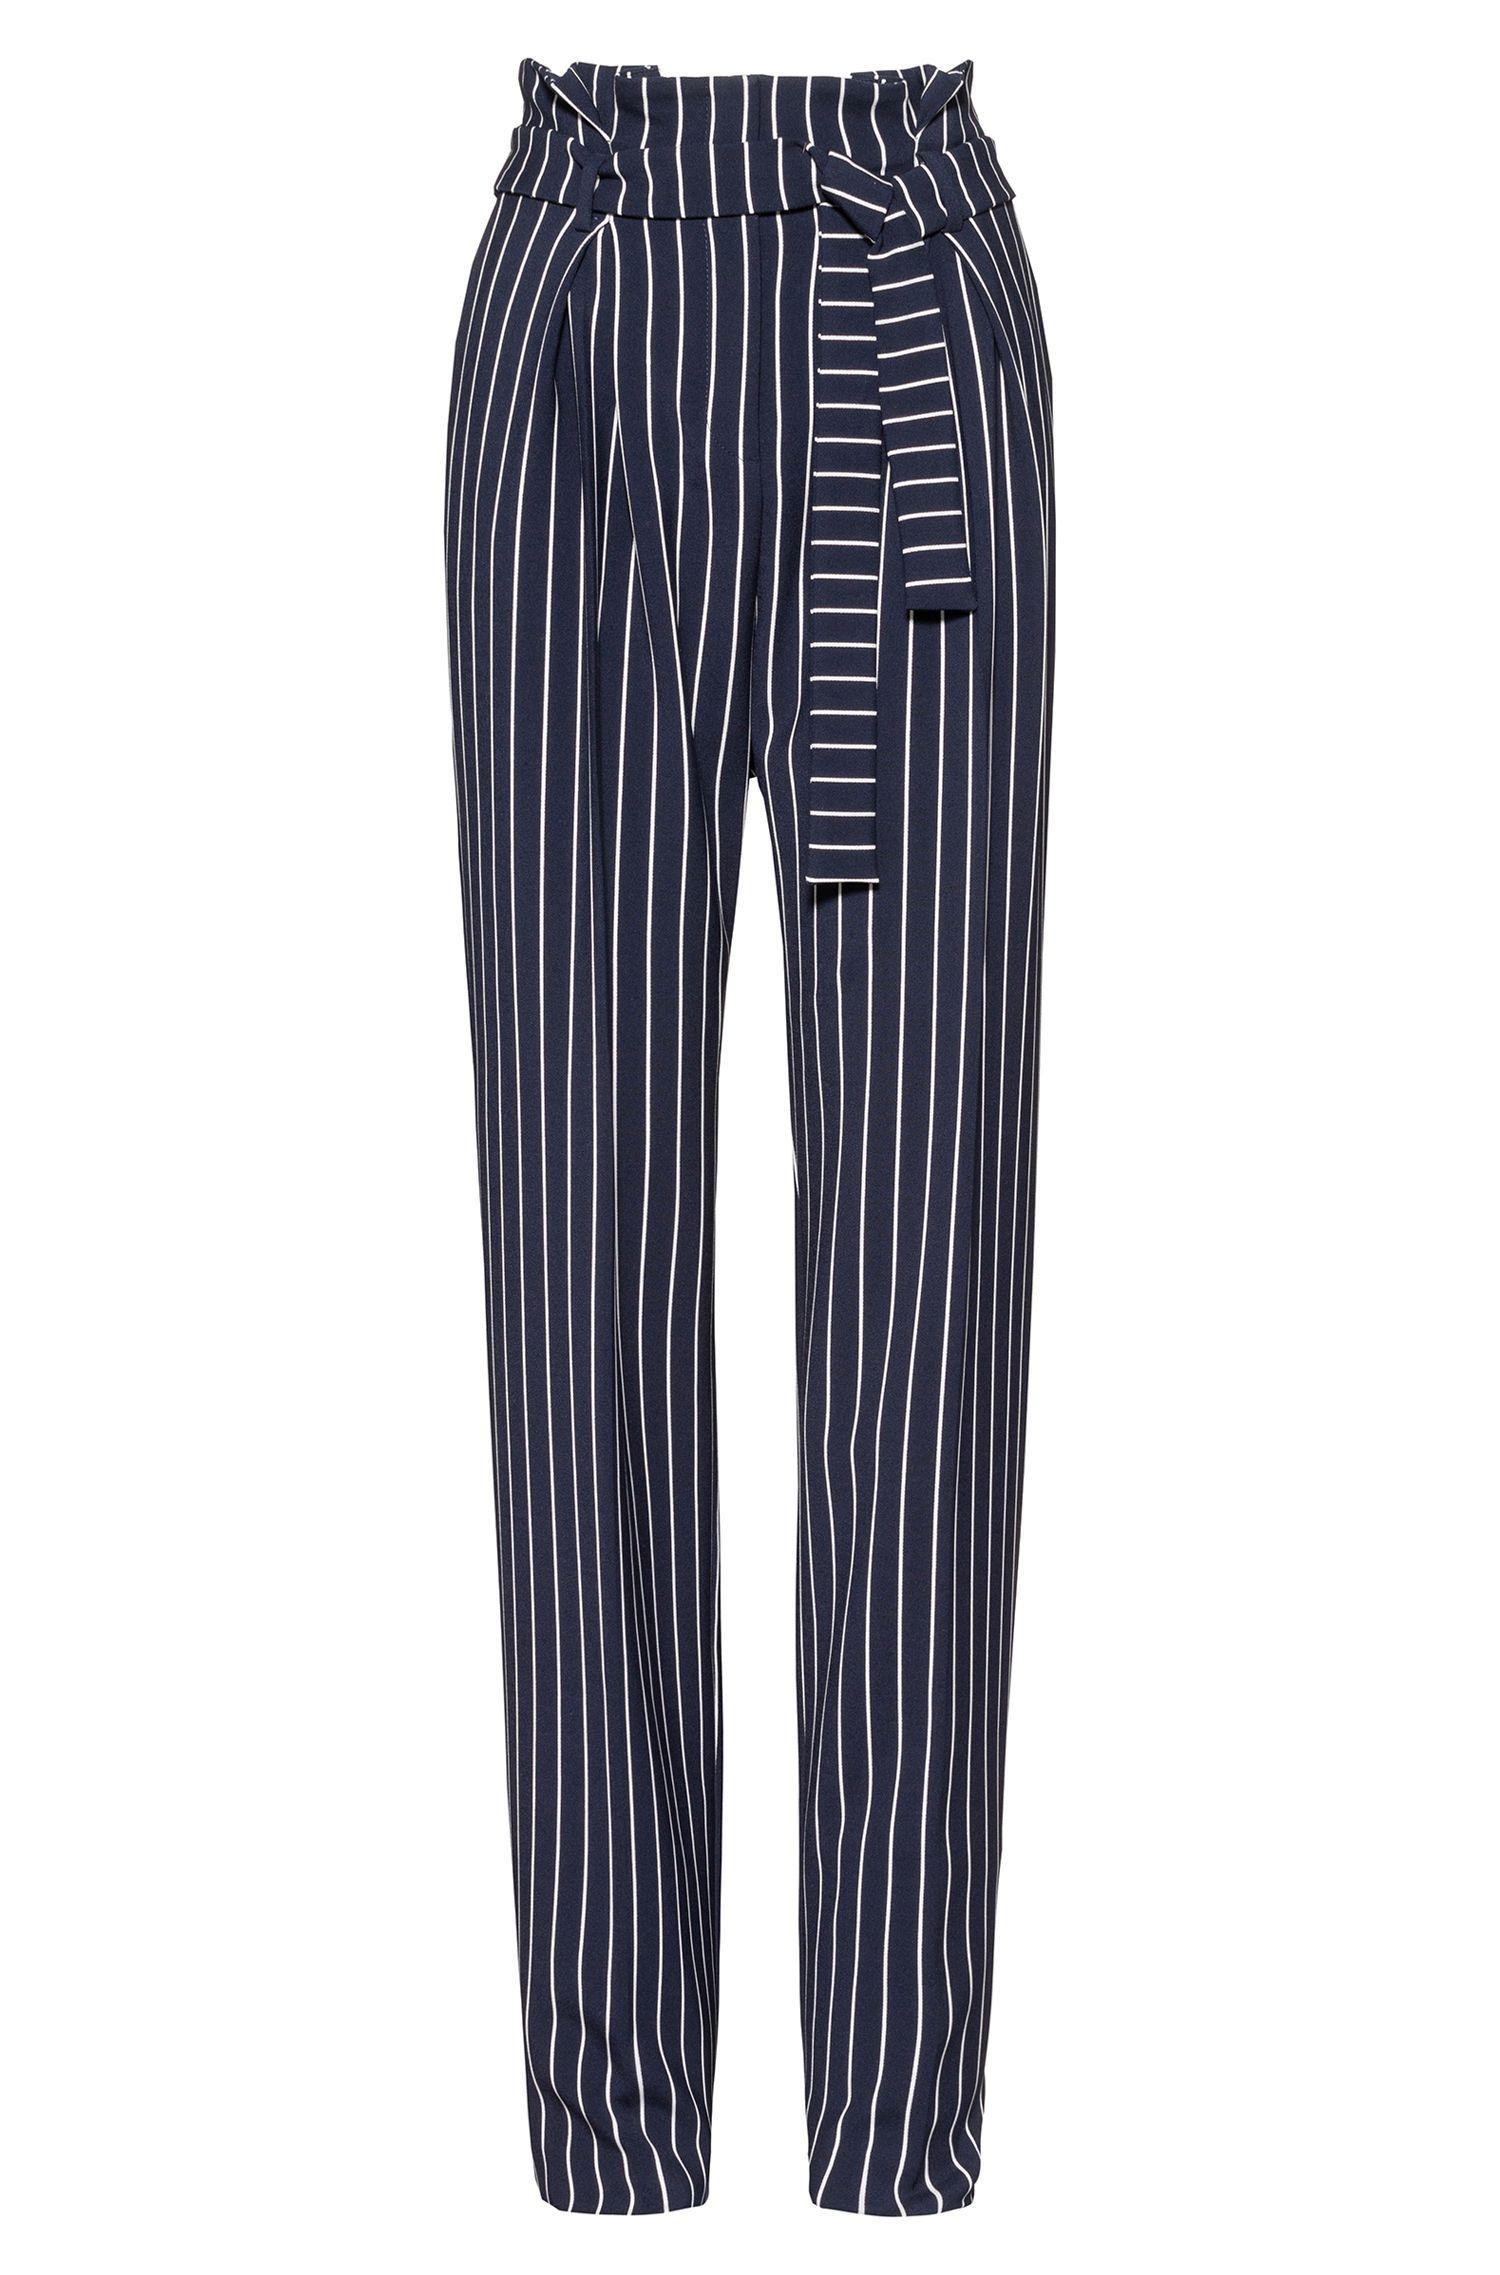 Pantalon Relaxed Fit avec plis sur le devant et ceinture à nouer, Fantaisie